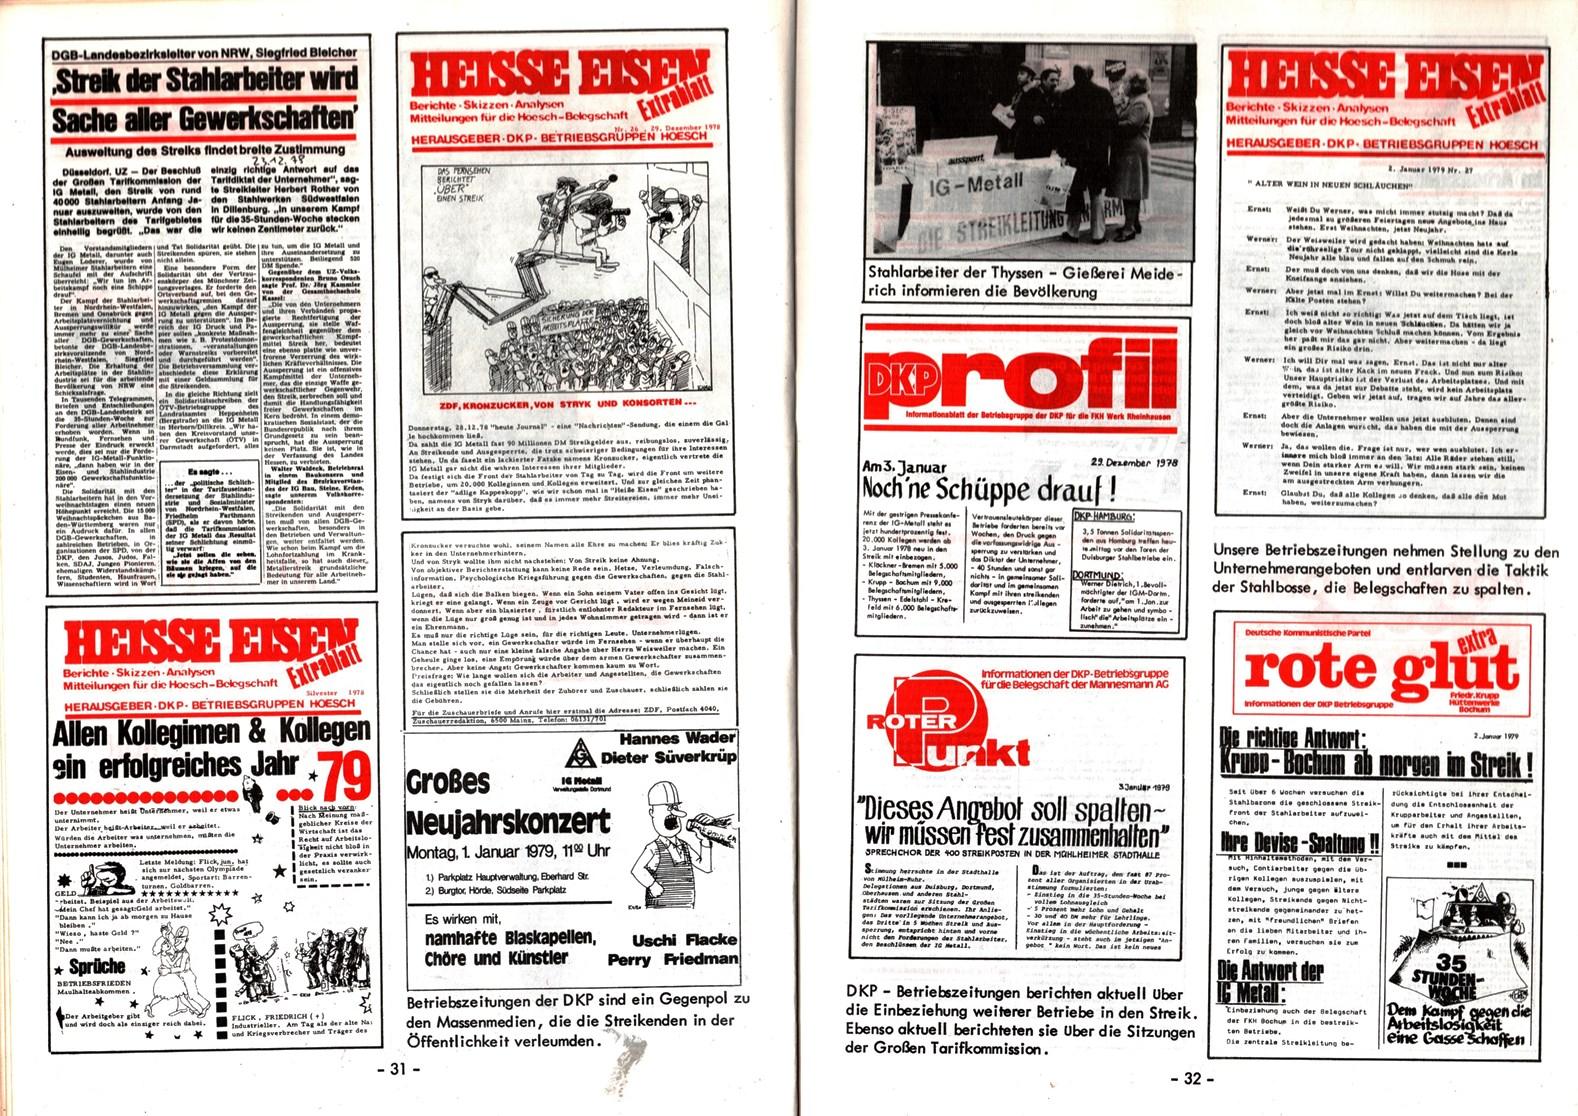 NRW_DKP_Stahlarbeiterstreik_1978_1979_017